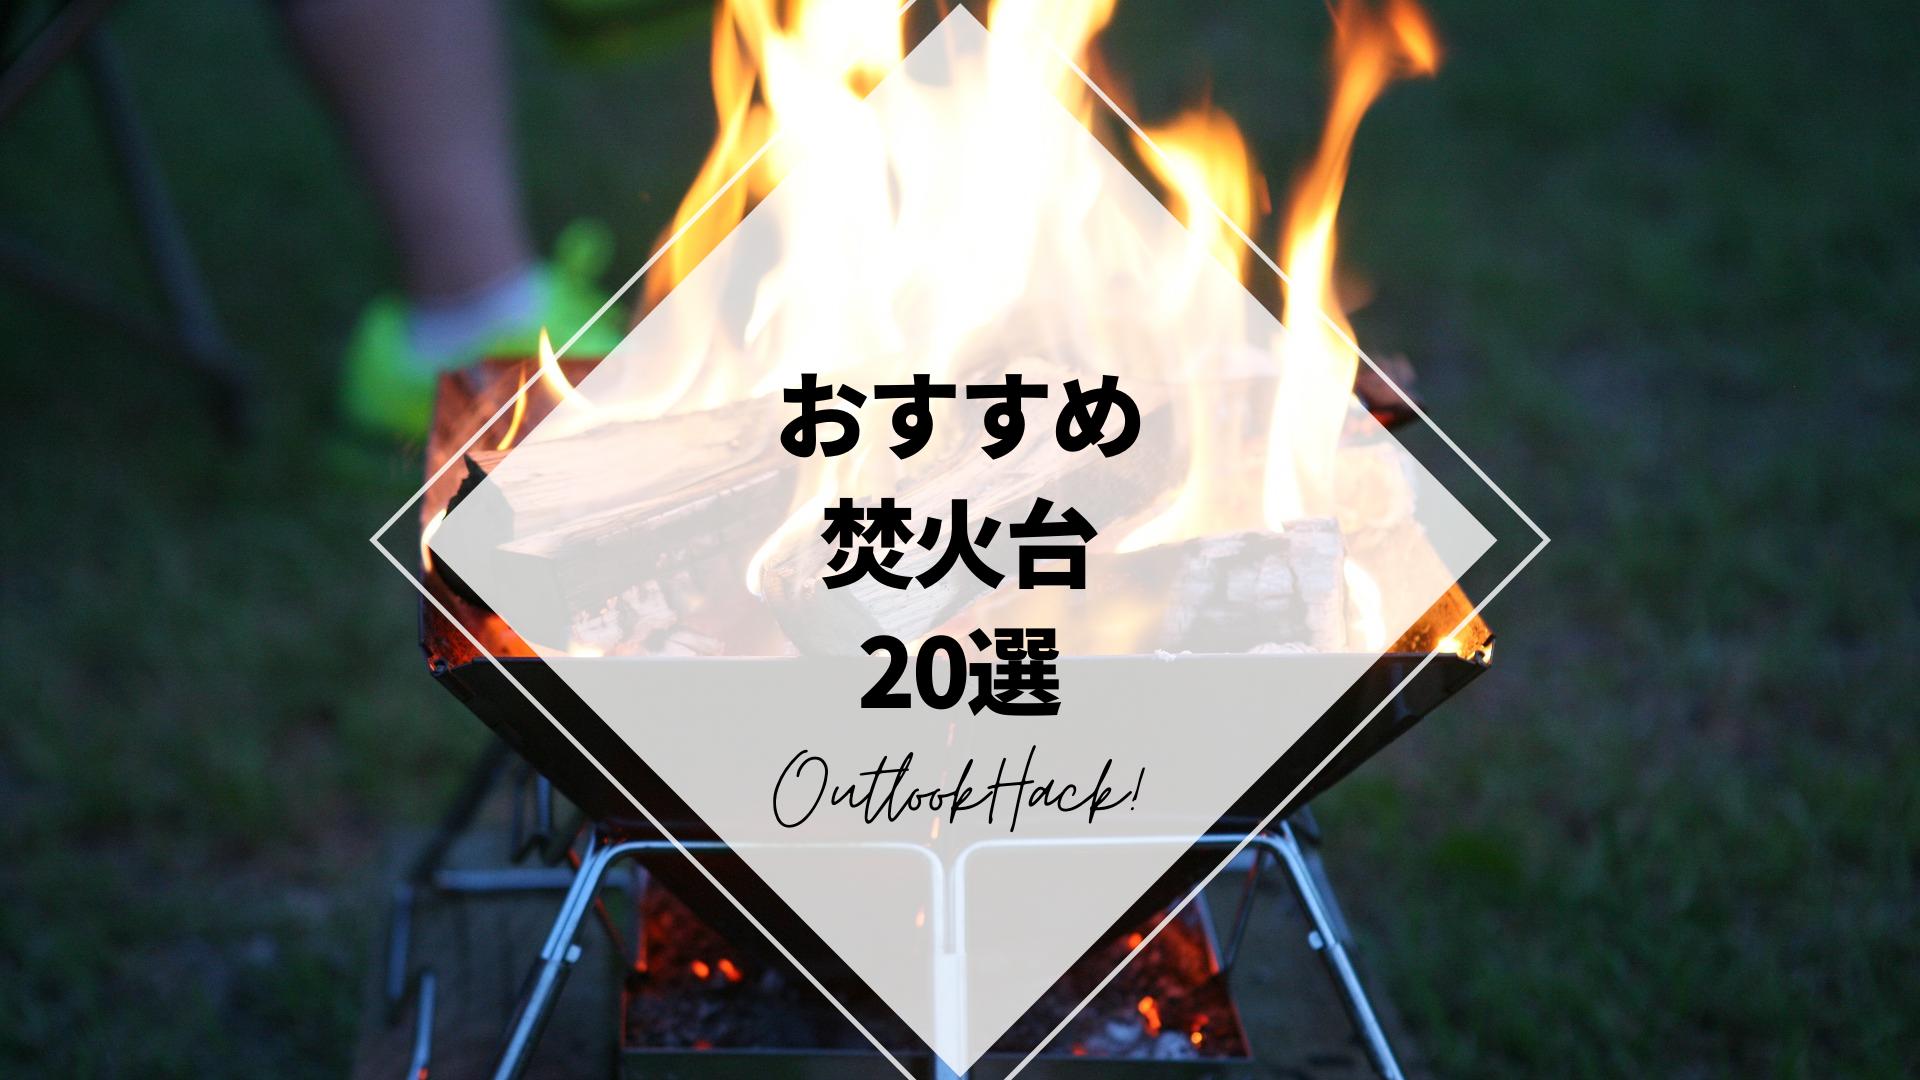 キャンプ・アウトドアにおすすめの焚火台20選